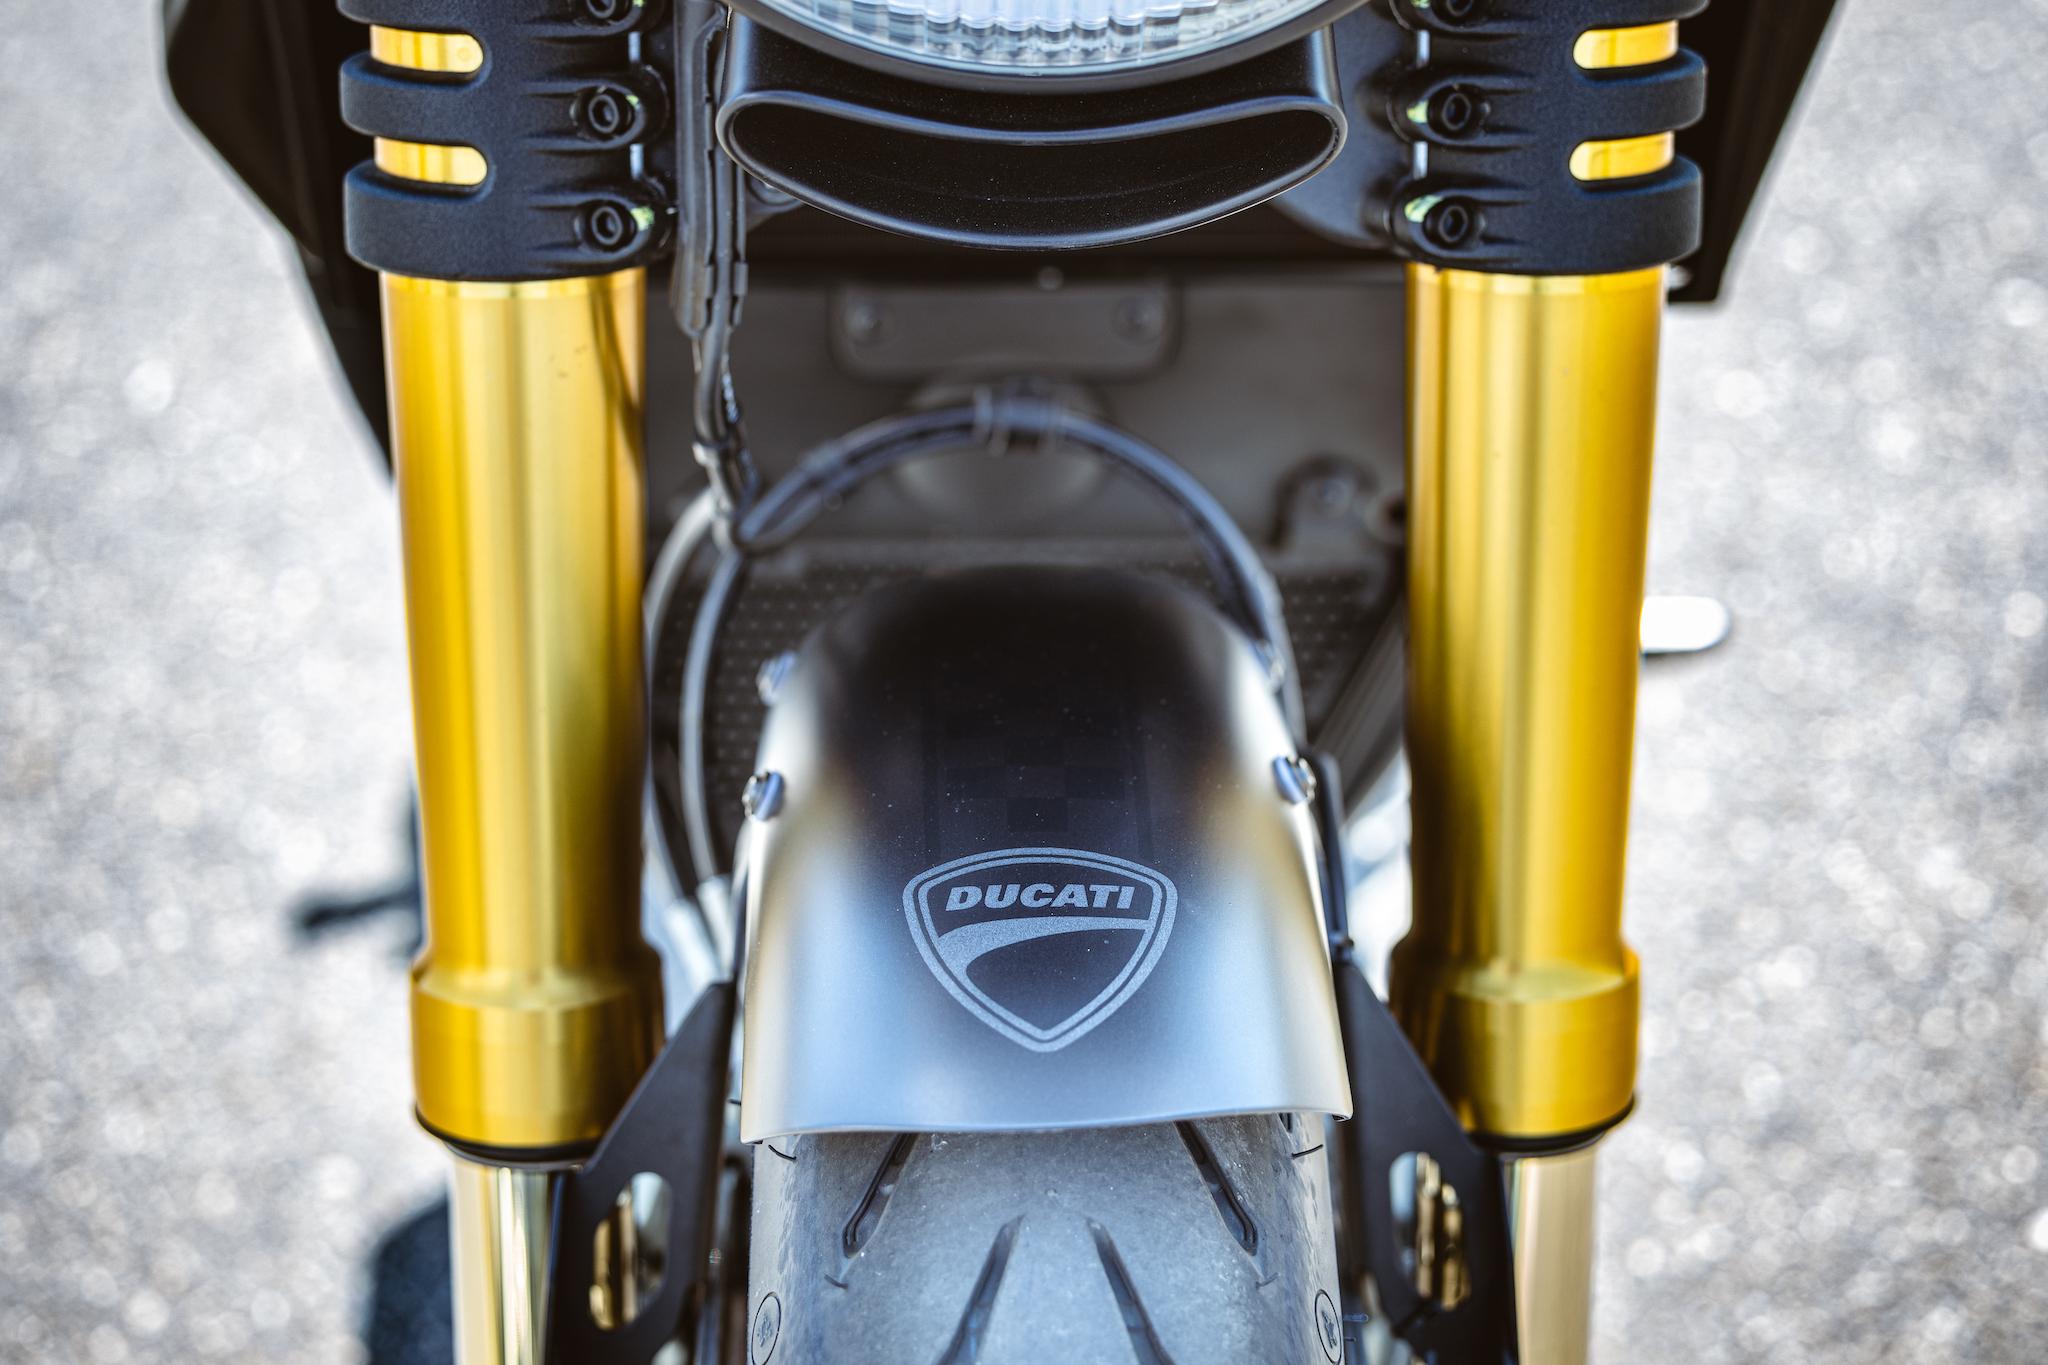 Ducati_Panigale_naked_dream-motos_Madpik-small12